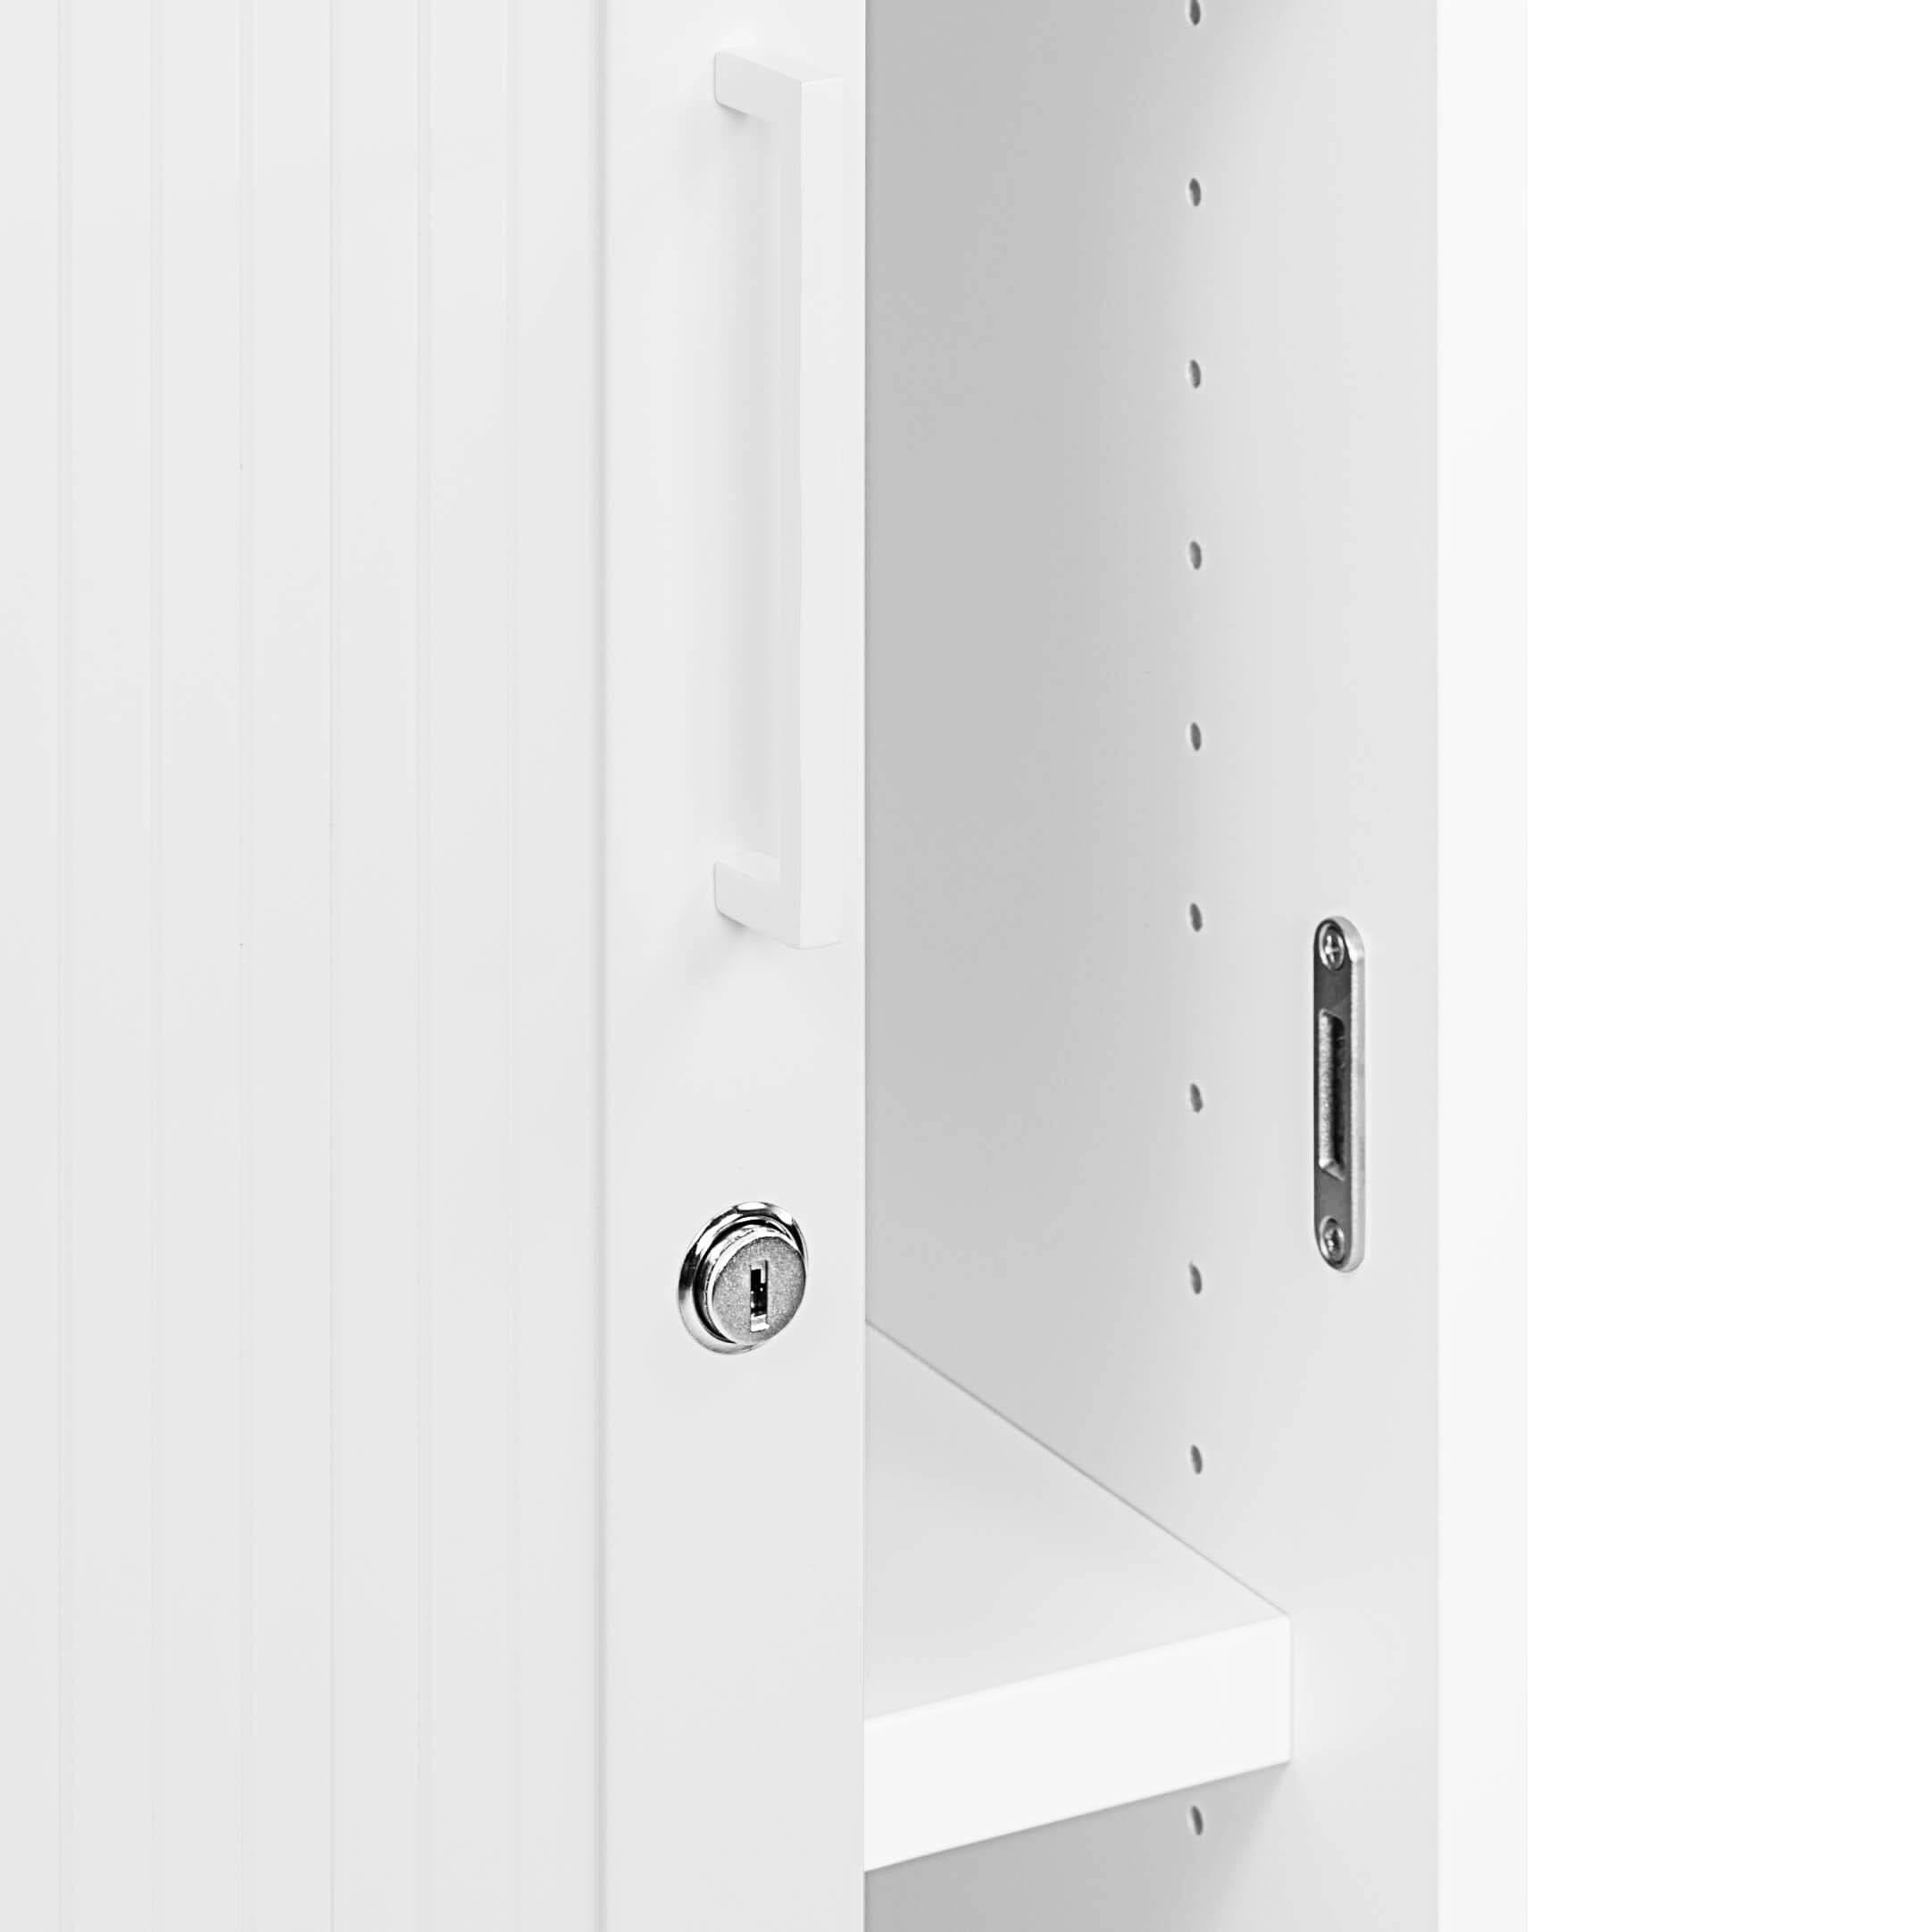 PROFI Jalousieschrank Weiß 3OH Quer-Rollladenschrank Aktenschrank Archivschrank